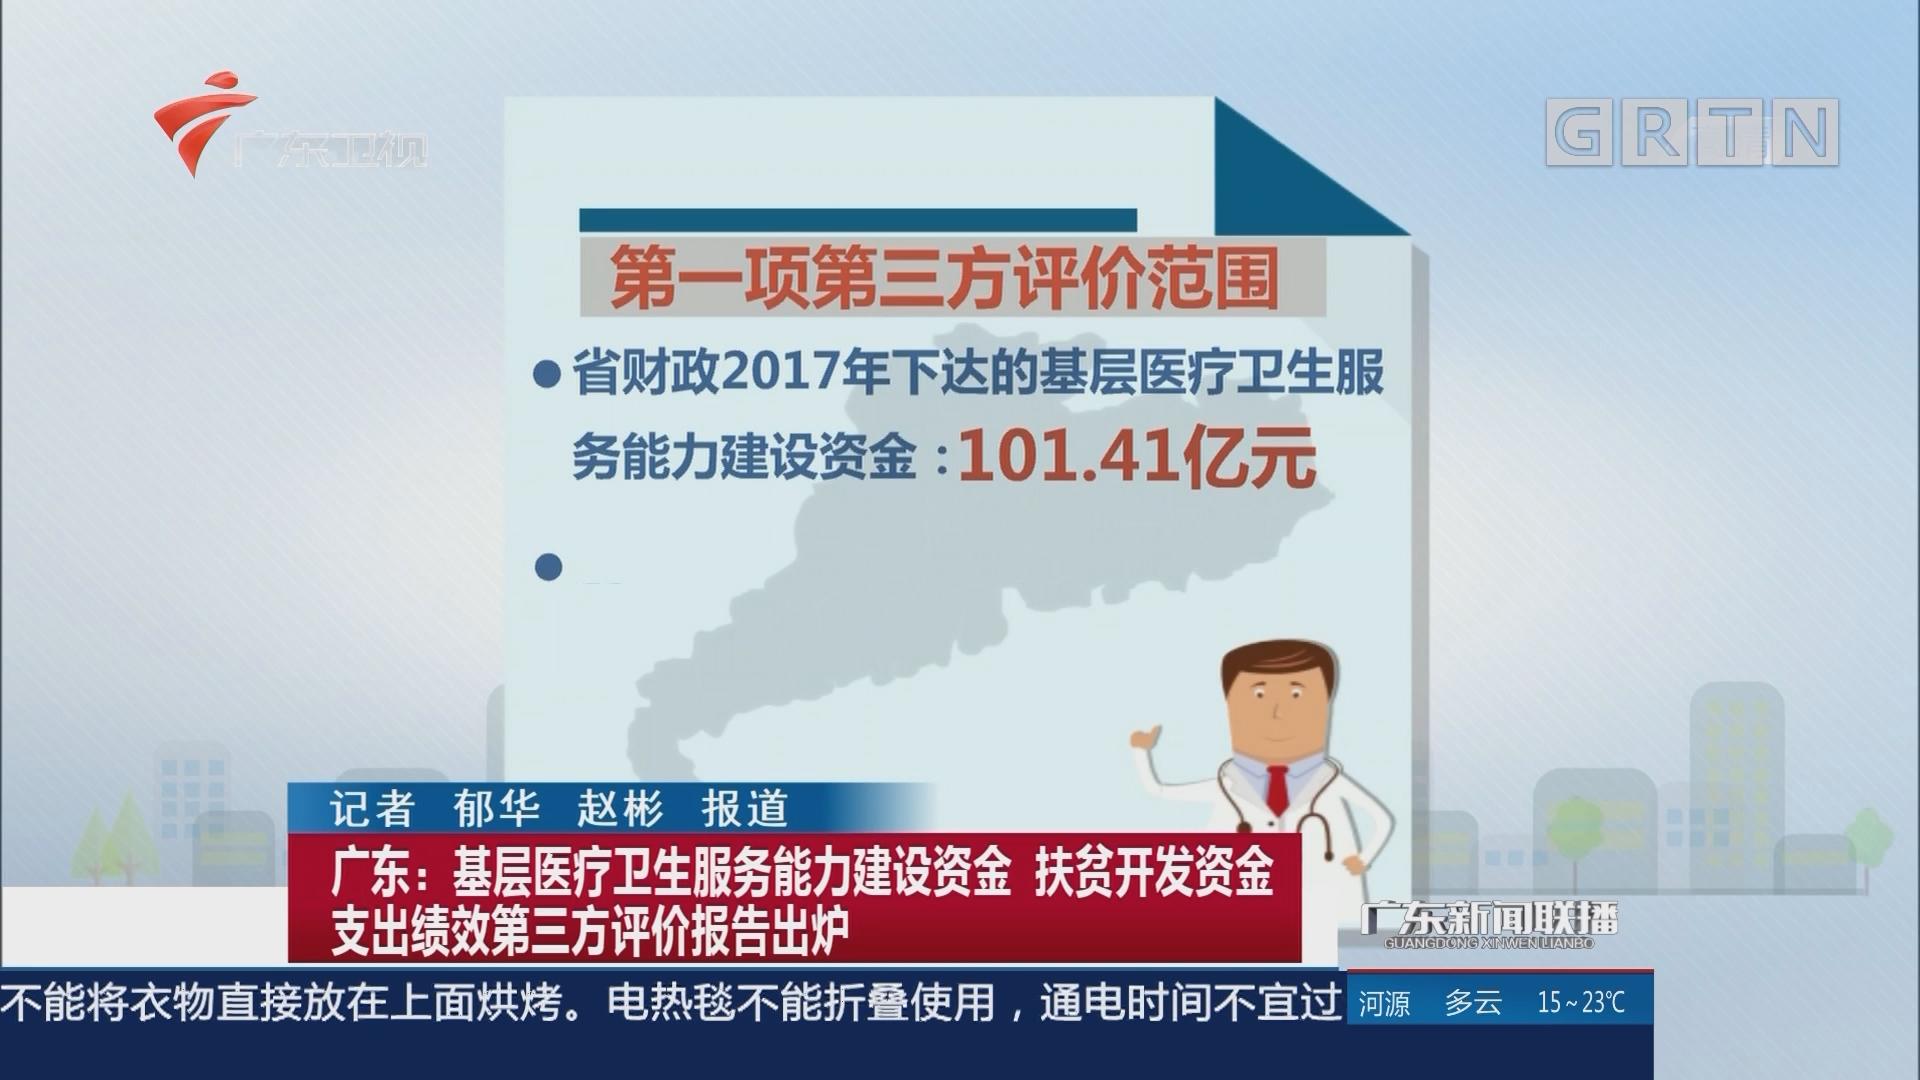 广东:基层医疗卫生服务能力建设资金 扶贫开发资金支出绩效第三方评价报告出炉